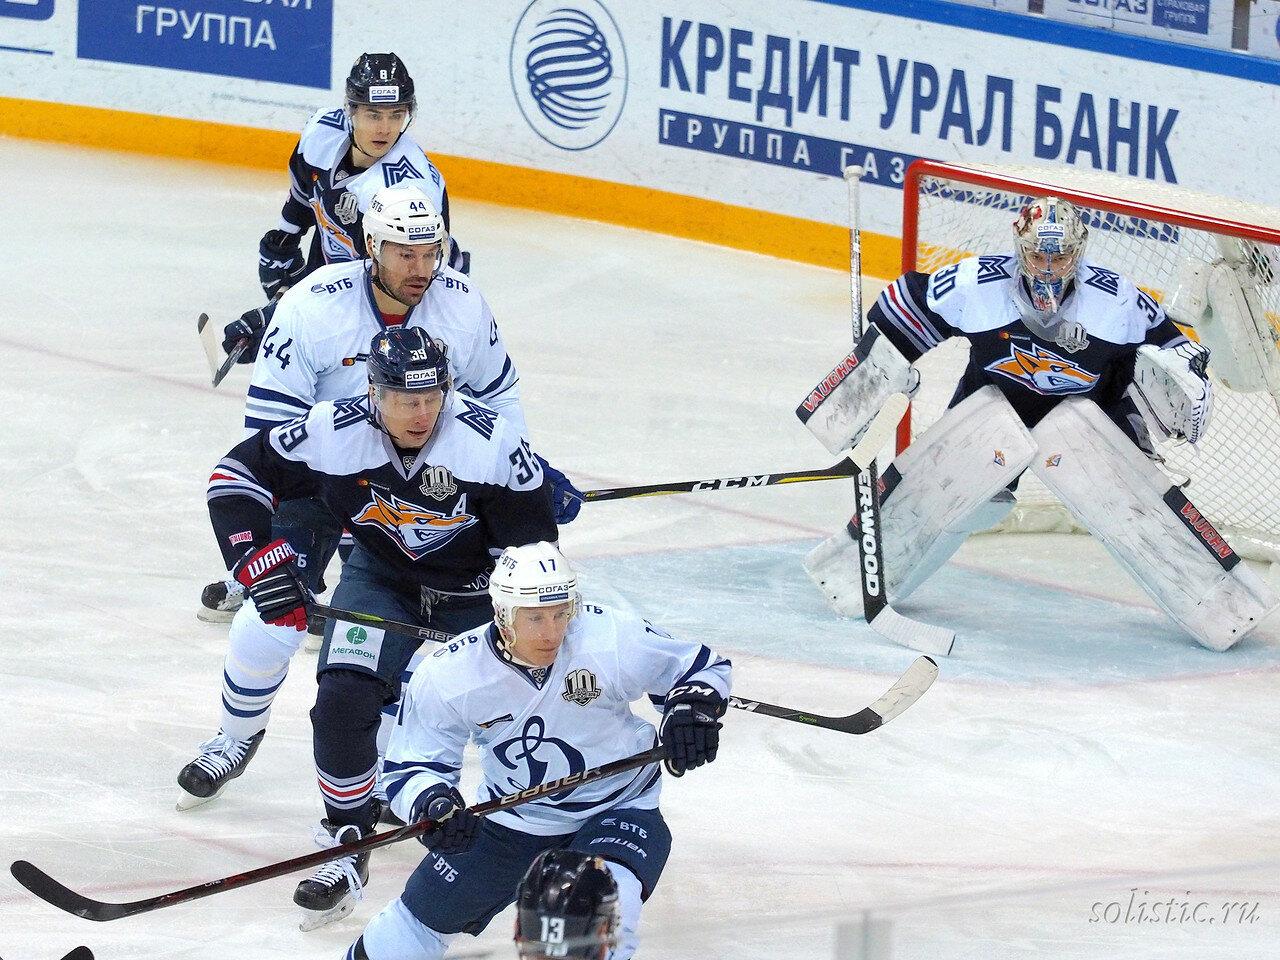 55 Металлург - Динамо 27.12.2017